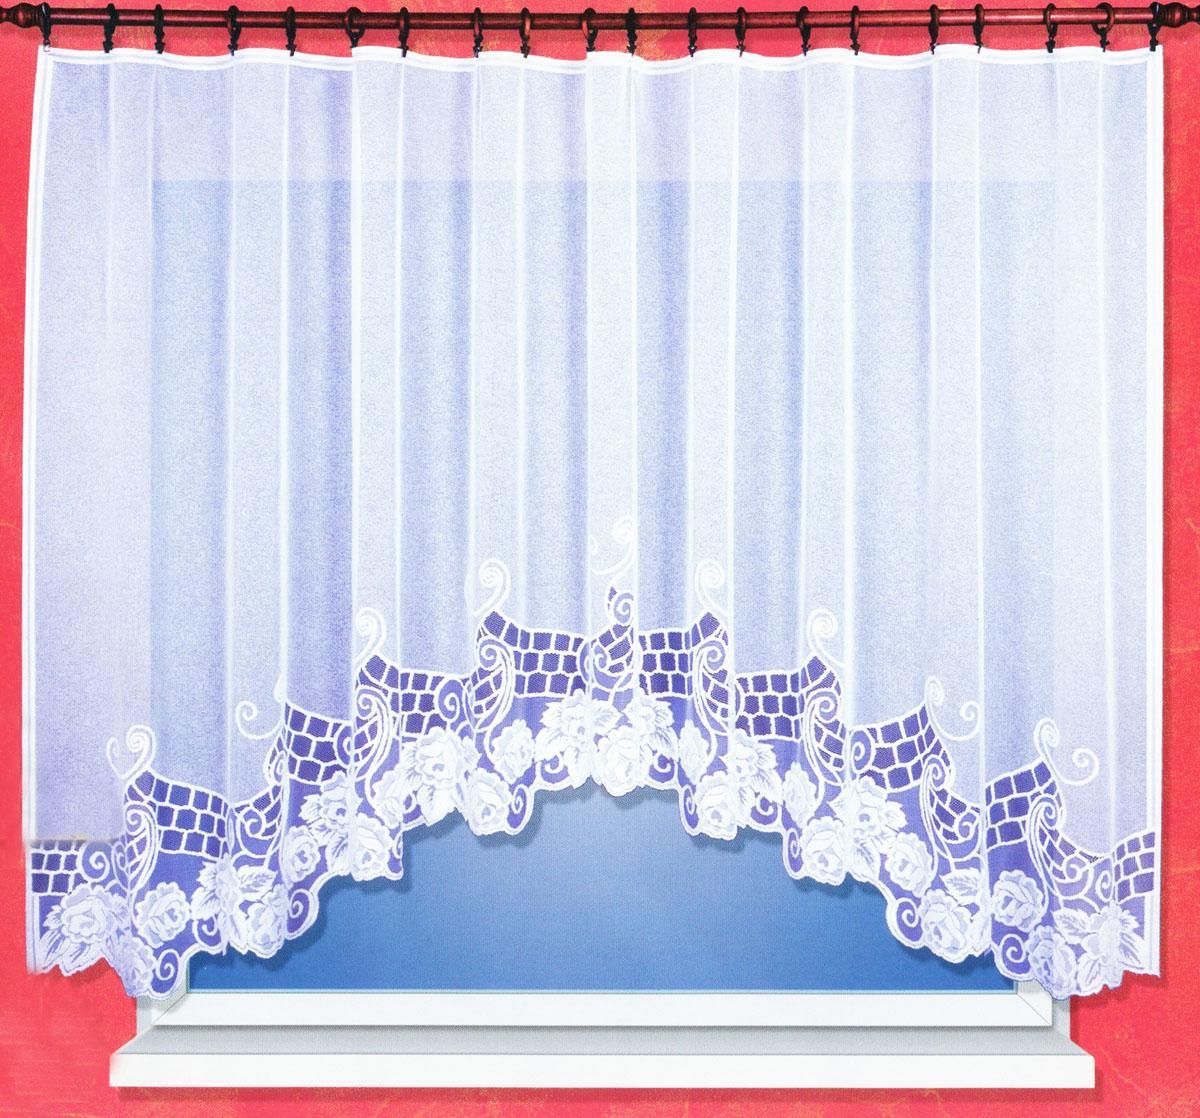 Гардина Haft, на ленте, цвет: белый, высота 160 см. 38200/16038200/160Гардина Haft, изготовленная из сетчатой ткани (100% полиэстера), великолепно украсит любое окно. Полупрозрачная ткань и цветочная вышивка привлекут к себе внимание и органично впишутся в интерьер помещения. Полиэстер - вид ткани, состоящий из полиэфирных волокон. Ткани из полиэстера - легкие, прочные и износостойкие. Такие изделия не требуют специального ухода, не пылятся и почти не мнутся. Гардина крепится на карниз при помощи ленты, которая поможет красиво и равномерно задрапировать верх. Такая гардина идеально оформит интерьер любого помещения.